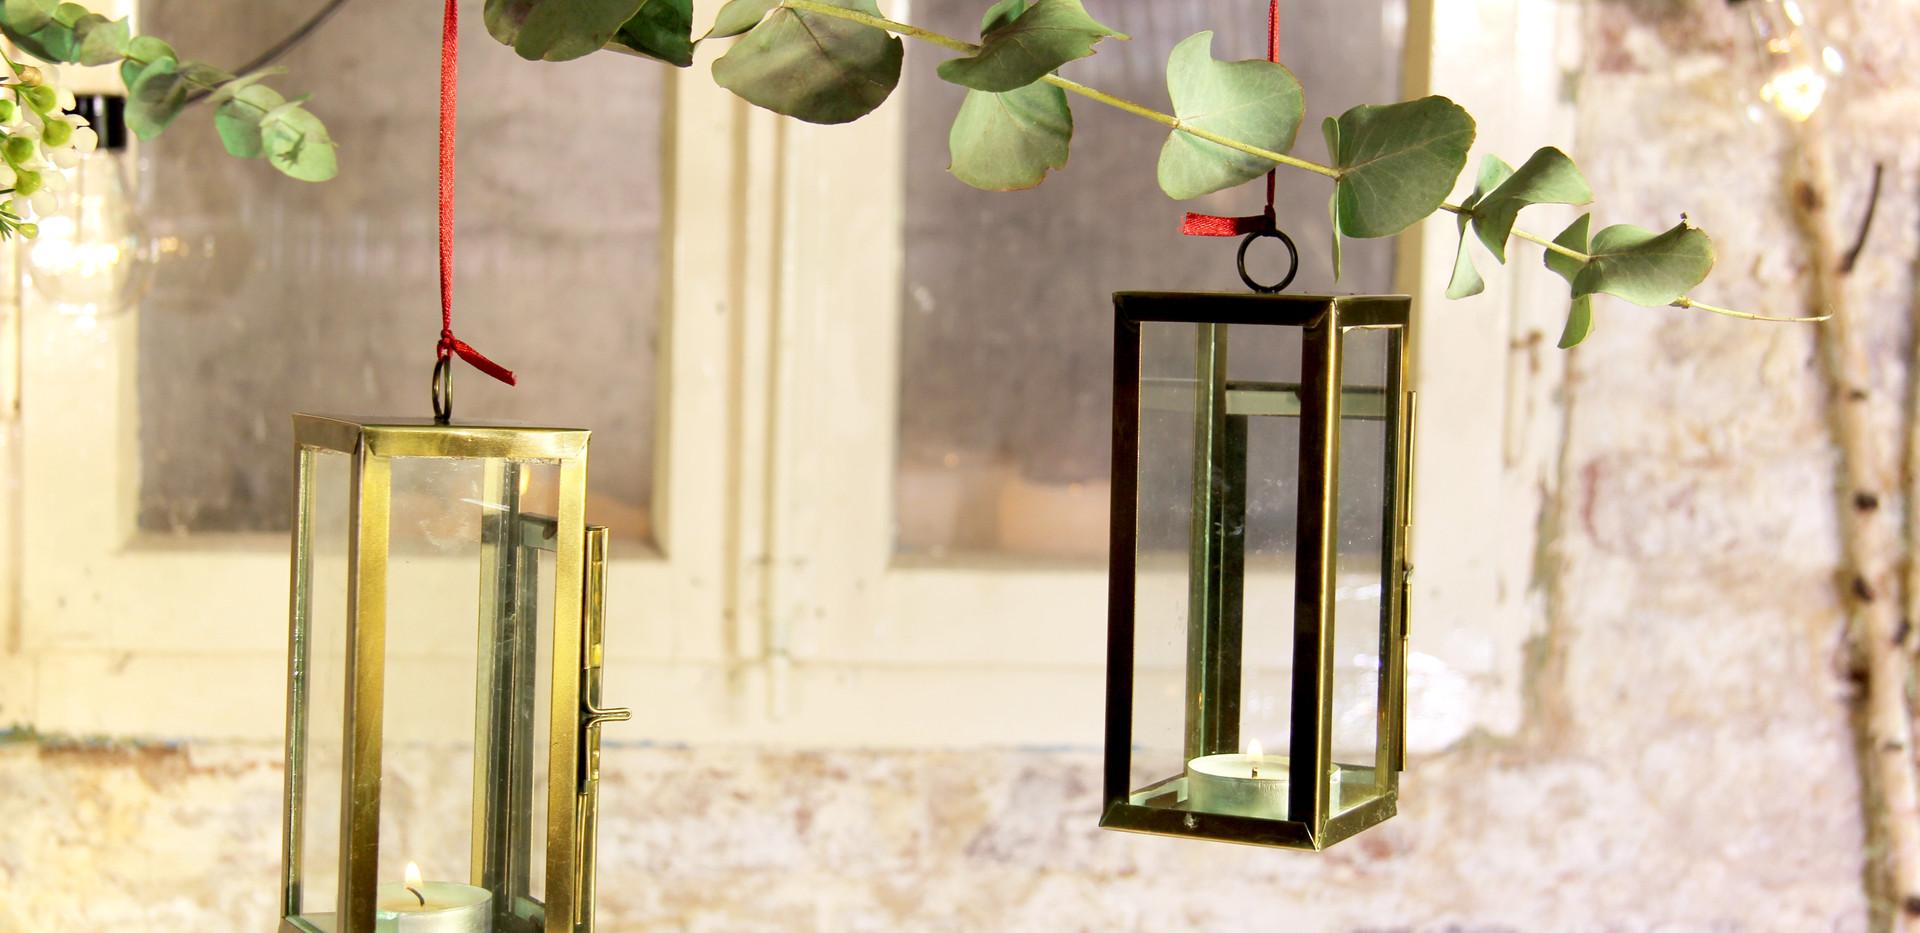 Windlicht gold-klein - Je Stk. 1,50 Euro